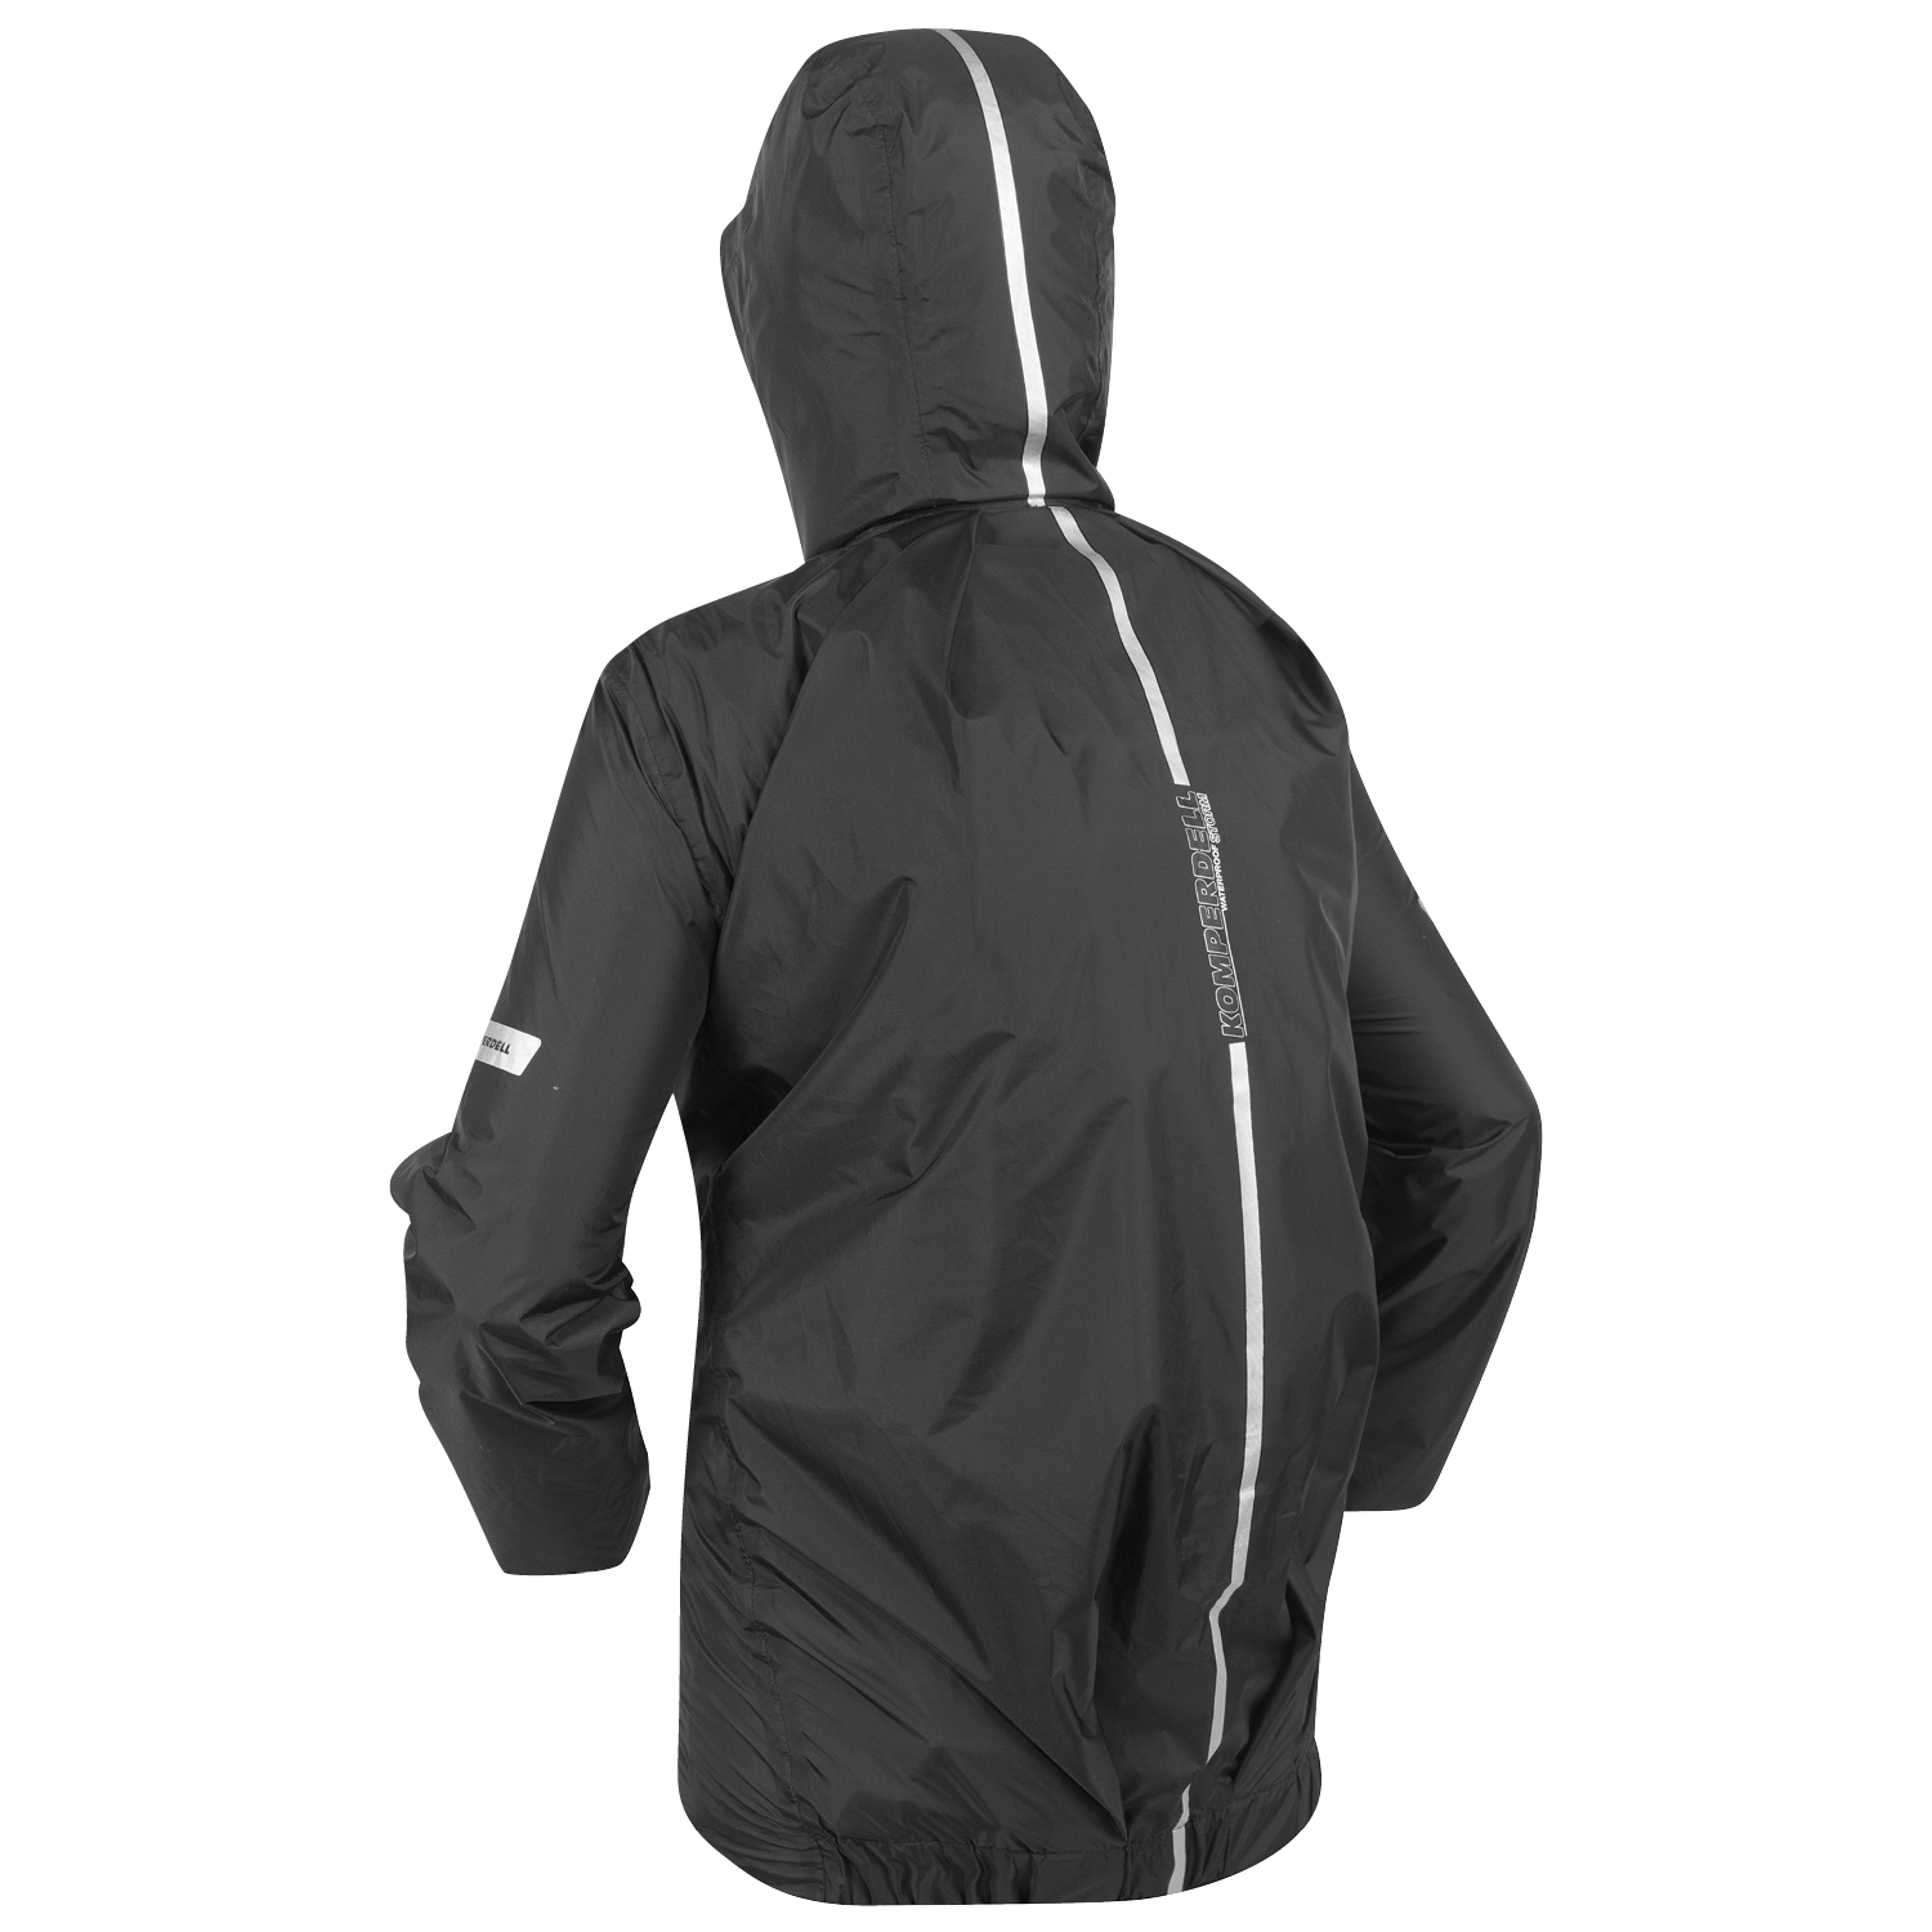 Storm Jacket